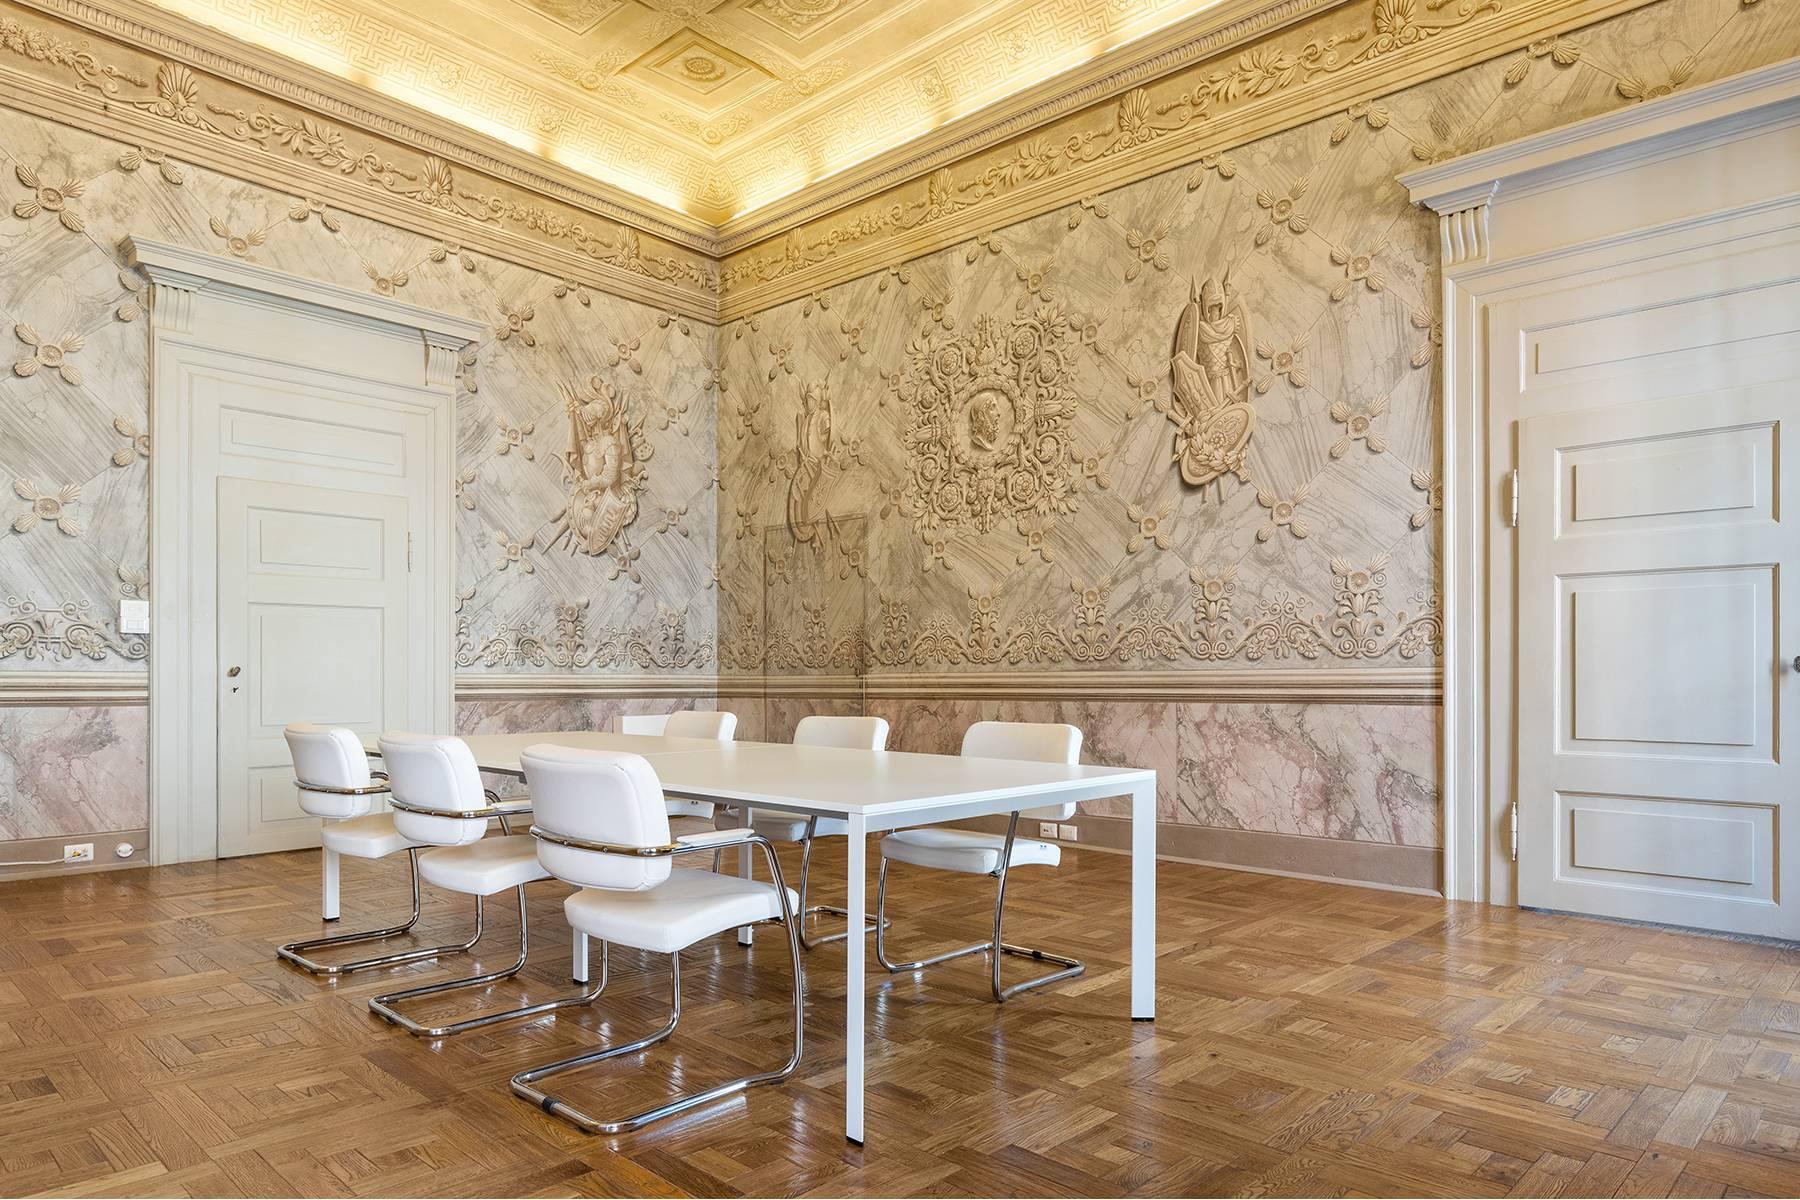 Ufficio-studio in Vendita a Verona: 5 locali, 615 mq - Foto 4